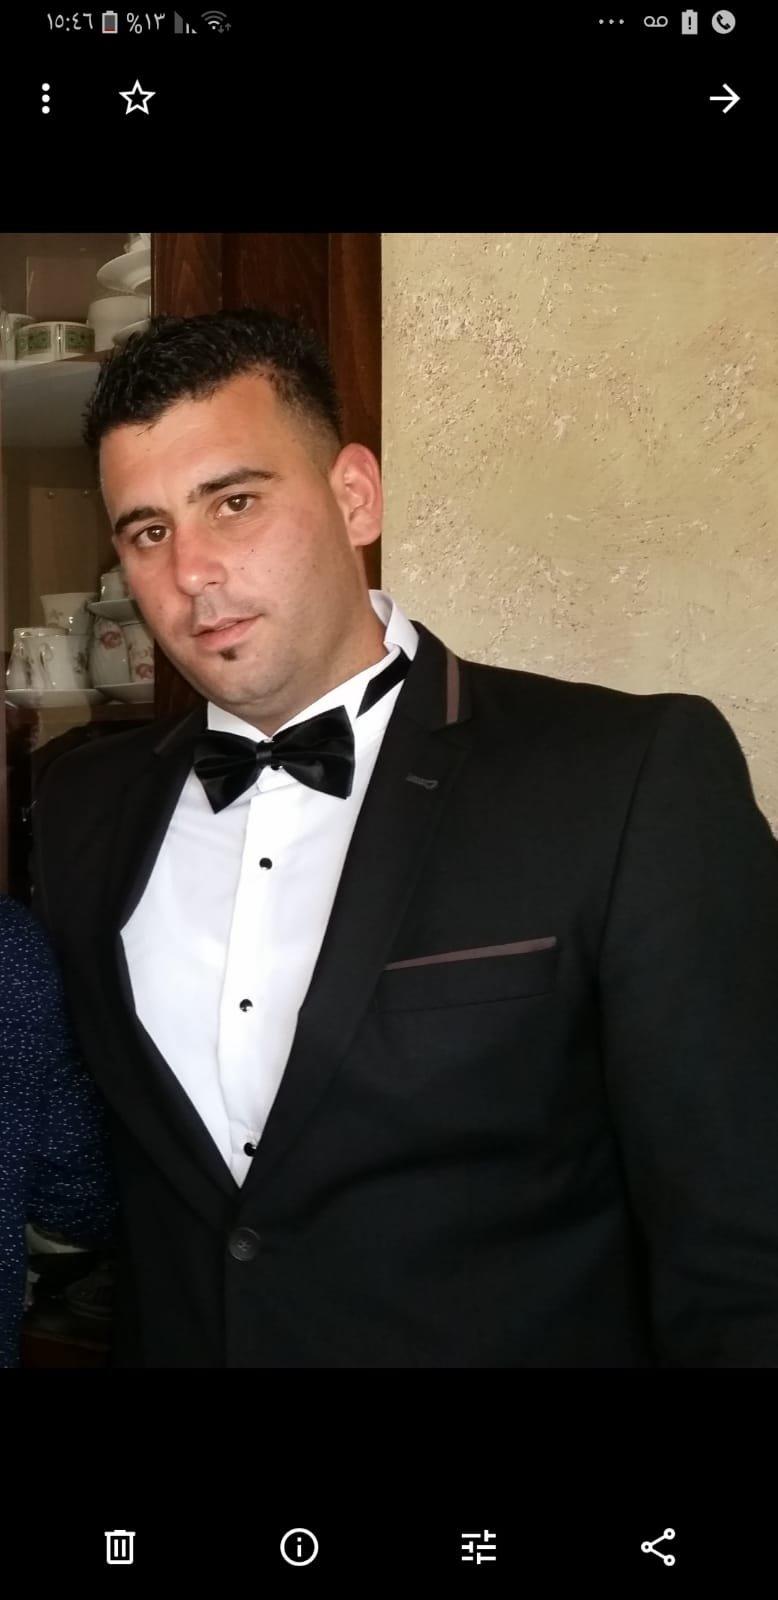 حيفا: مصرع فراس ياسين من عرابة اثر انهيار سقائل عليه